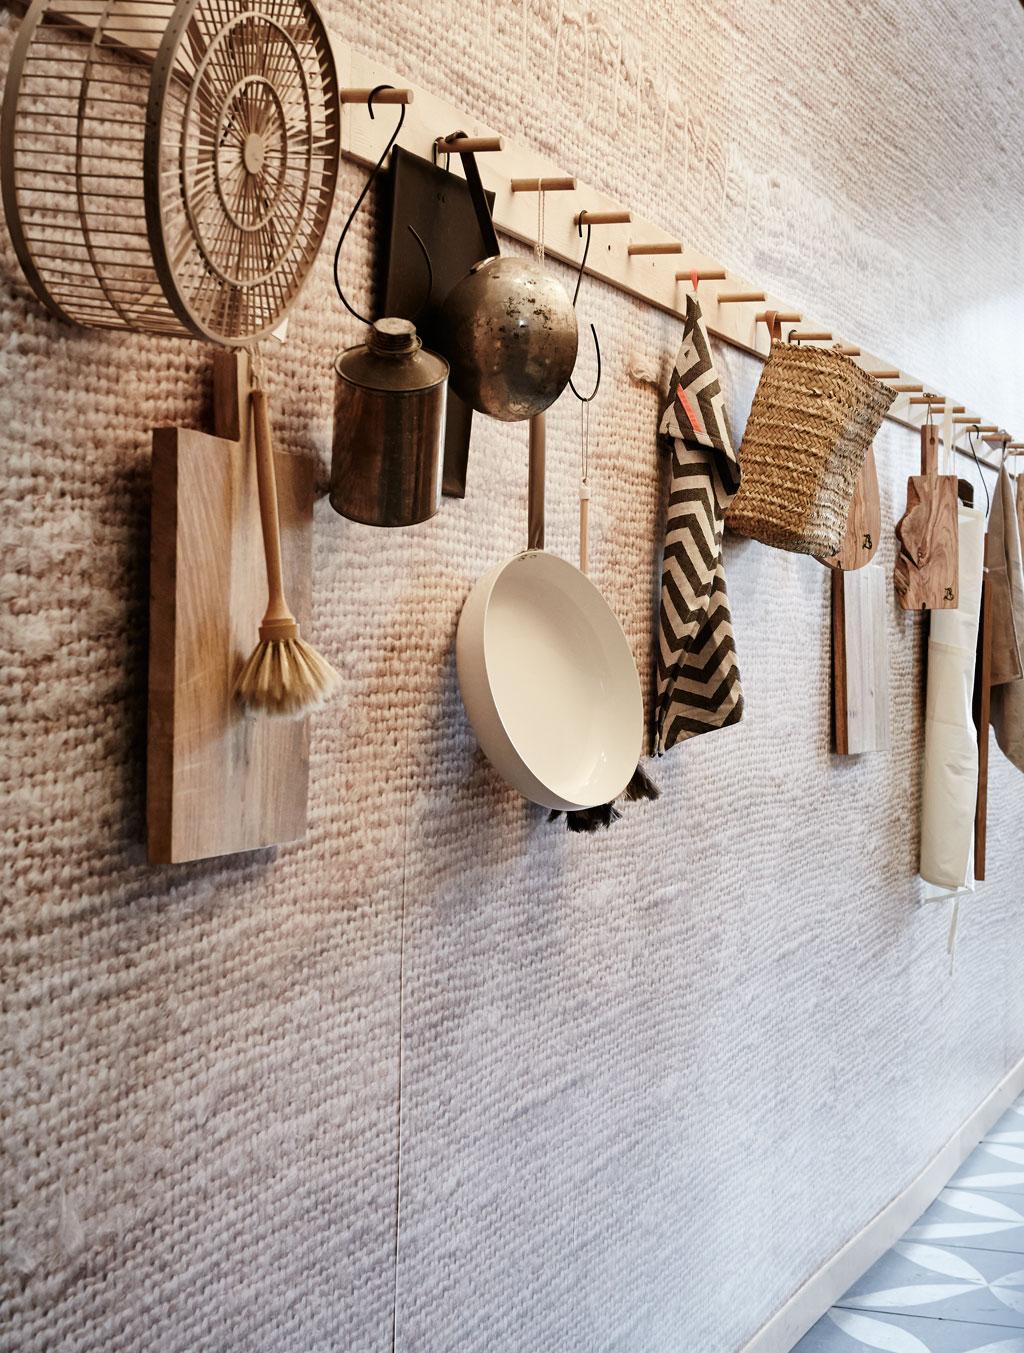 lange kapstok met geweven behang en keukengerei, snijplanken, pannen, borstels